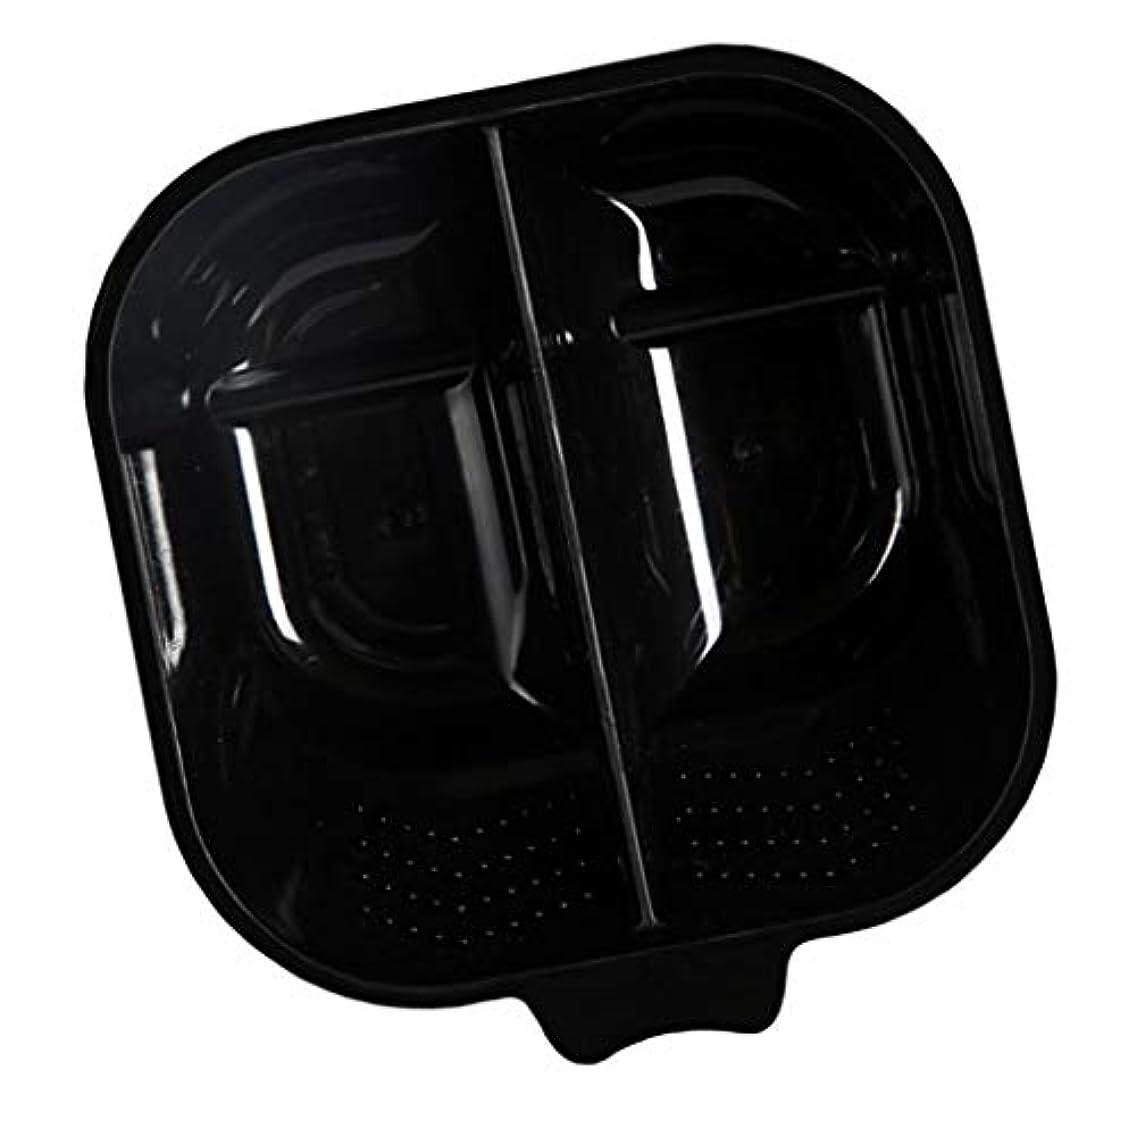 抽出囚人標準ヘアダイカップ ヘアカラーボウル プレート プロ サロン 美容院 髪染め ヘアカラー 混合ボウル - ブラック